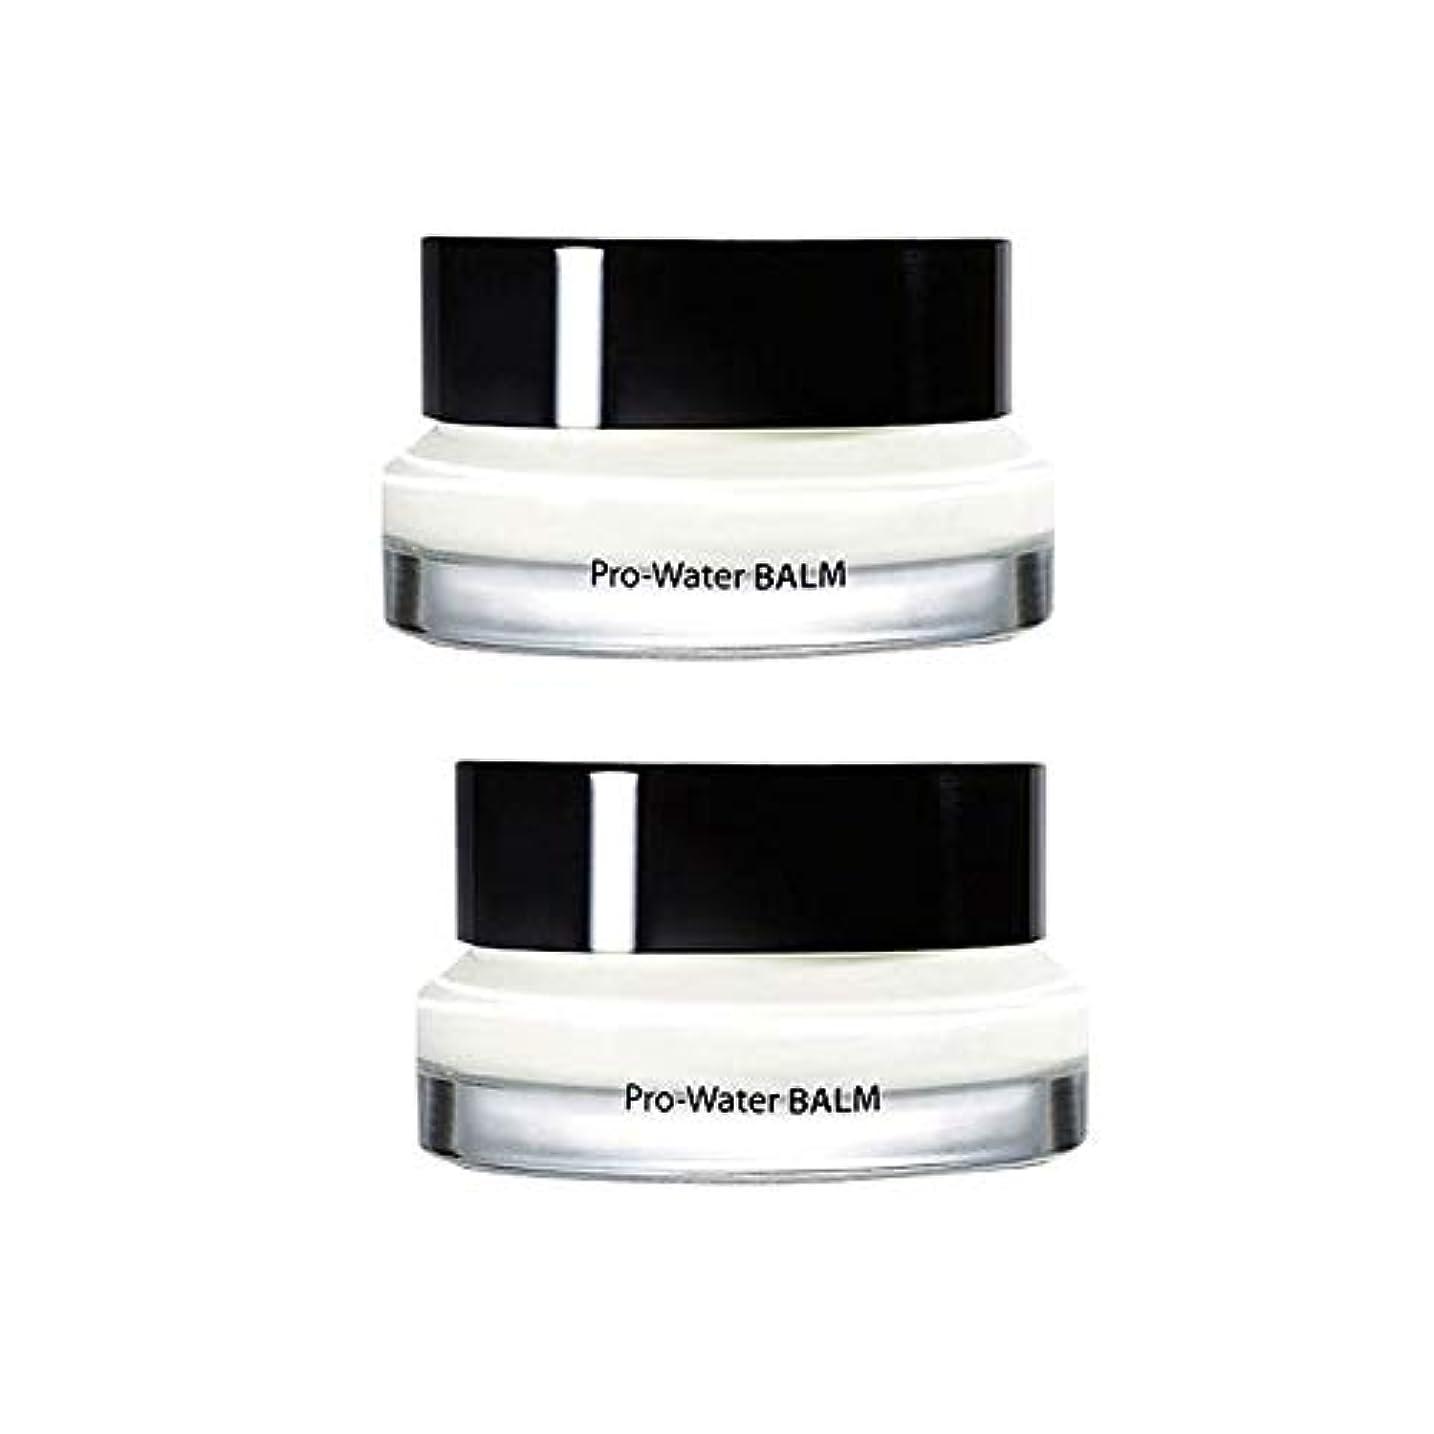 吸収歪めるぴかぴかルナプロウォーターbalm 50mlx2本セット韓国コスメ、Luna Pro-Water Balm 50ml x 2ea Set Korean Cosmetics [並行輸入品]